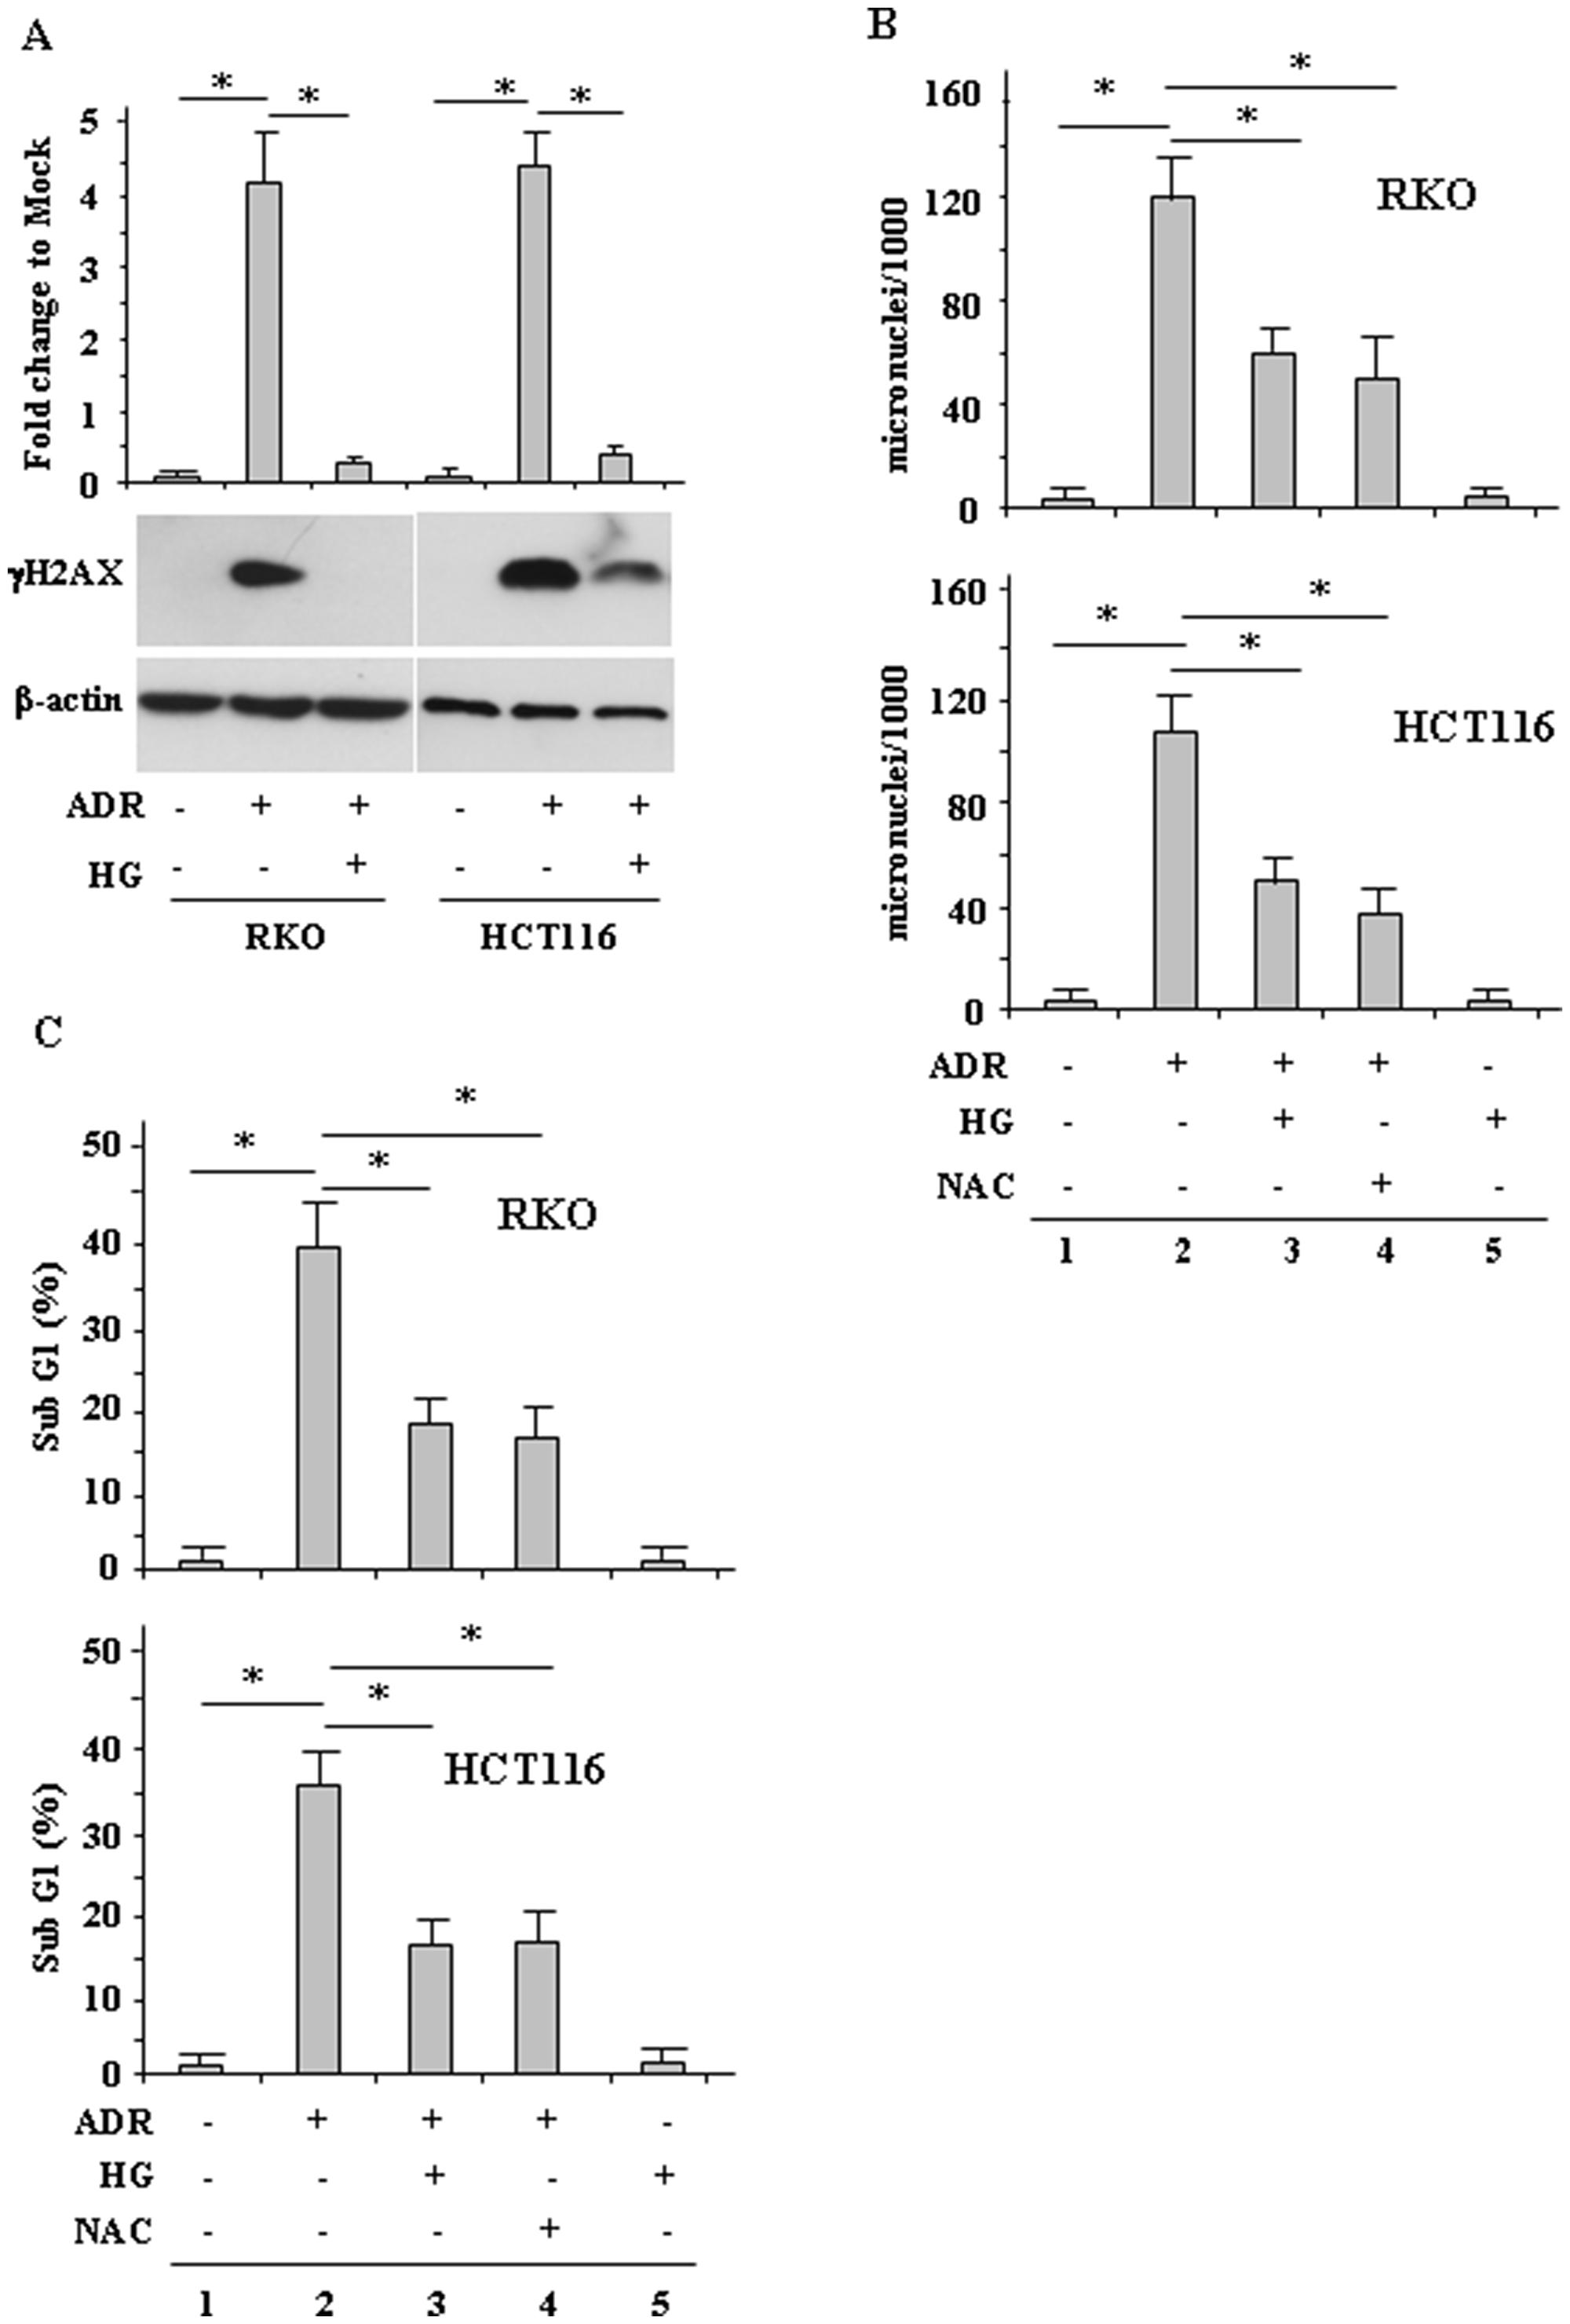 HG reduces ADR-induced DNA damage.